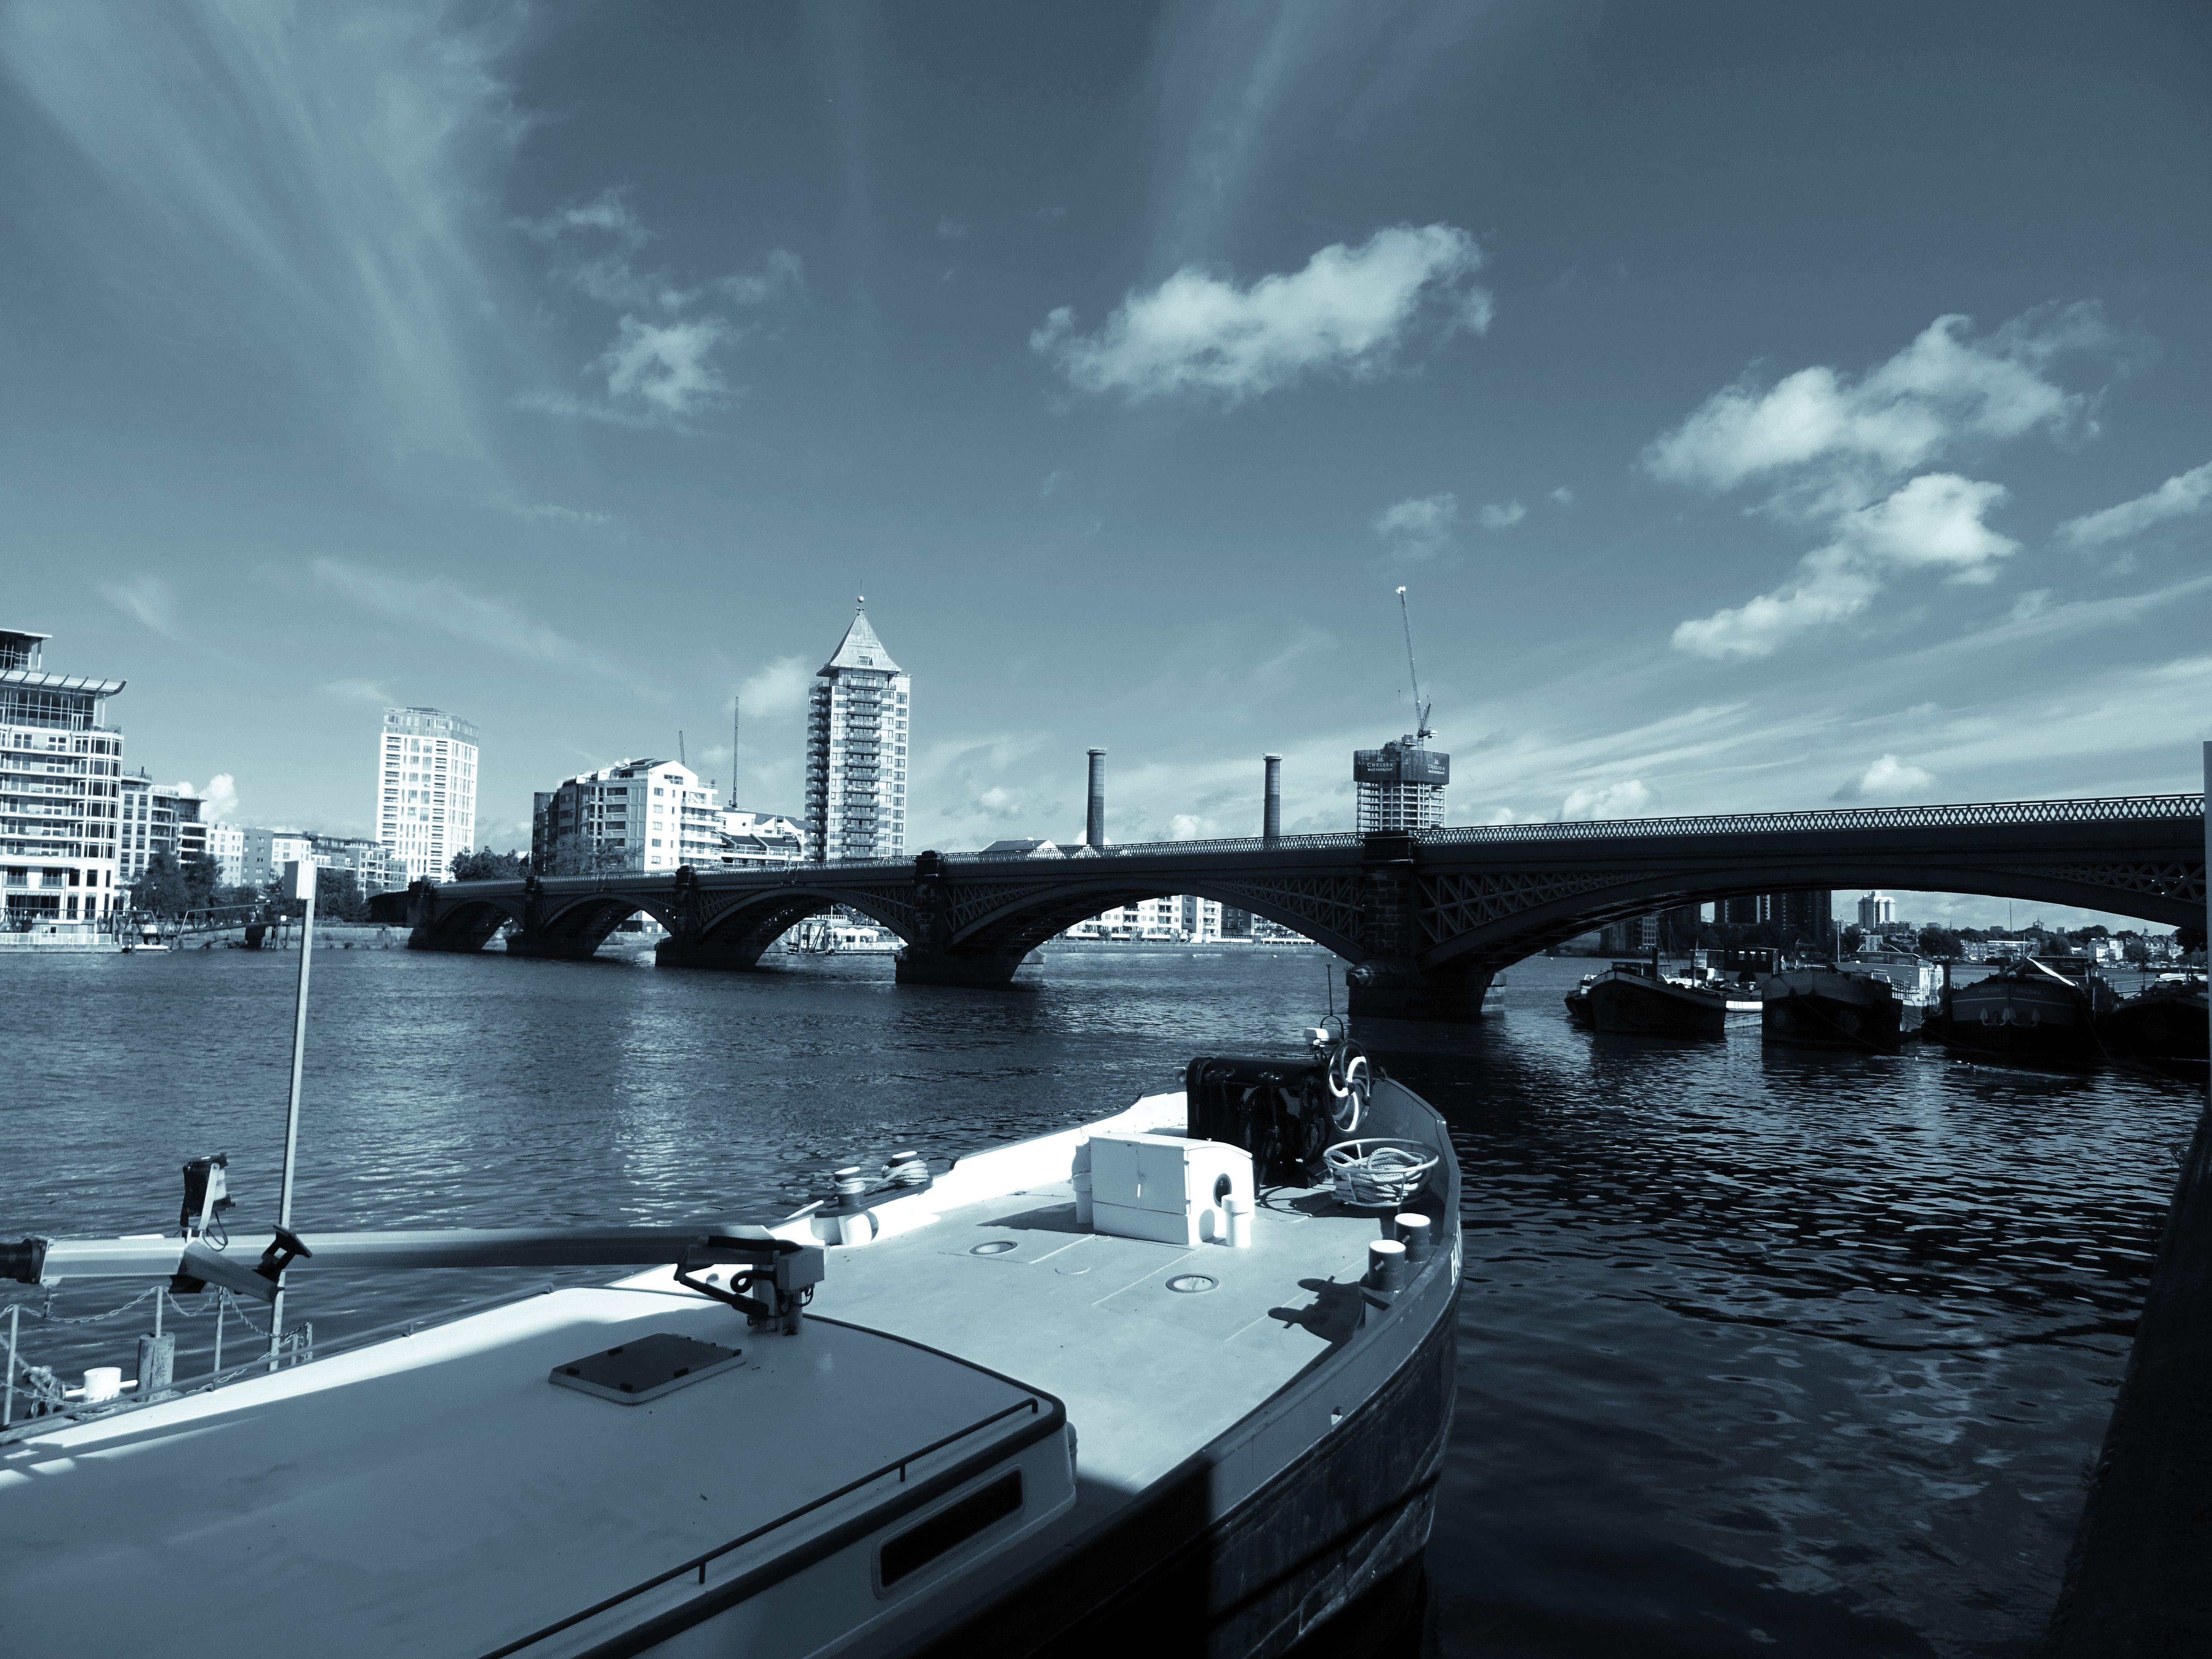 Fotos de stock gratuitas de agua, arquitectura, barcos, blanco y negro